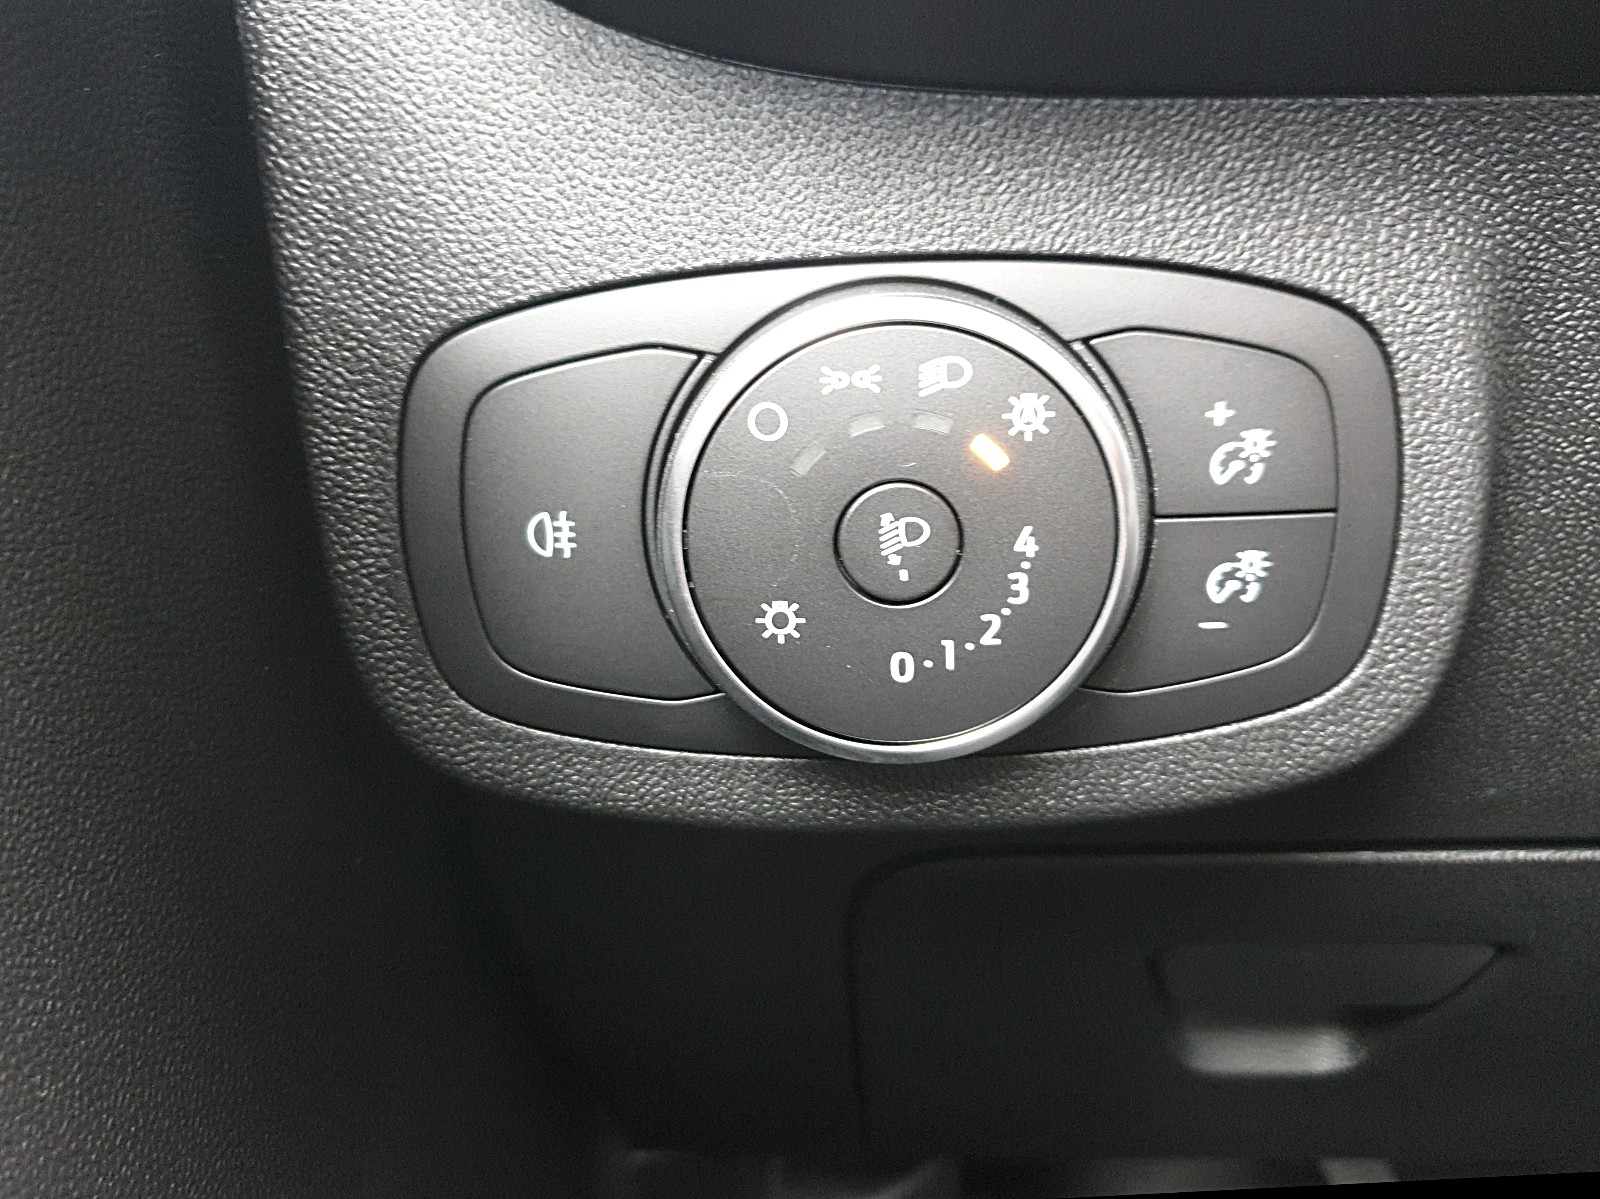 FORD FIESTA 1.1 85PS Trend 5-Türig Klima Allwetterreifen Bluetooth PDC Tempo Viscaal Fahrzeuggrosshandel GmbH, D-49847 Itterbeck